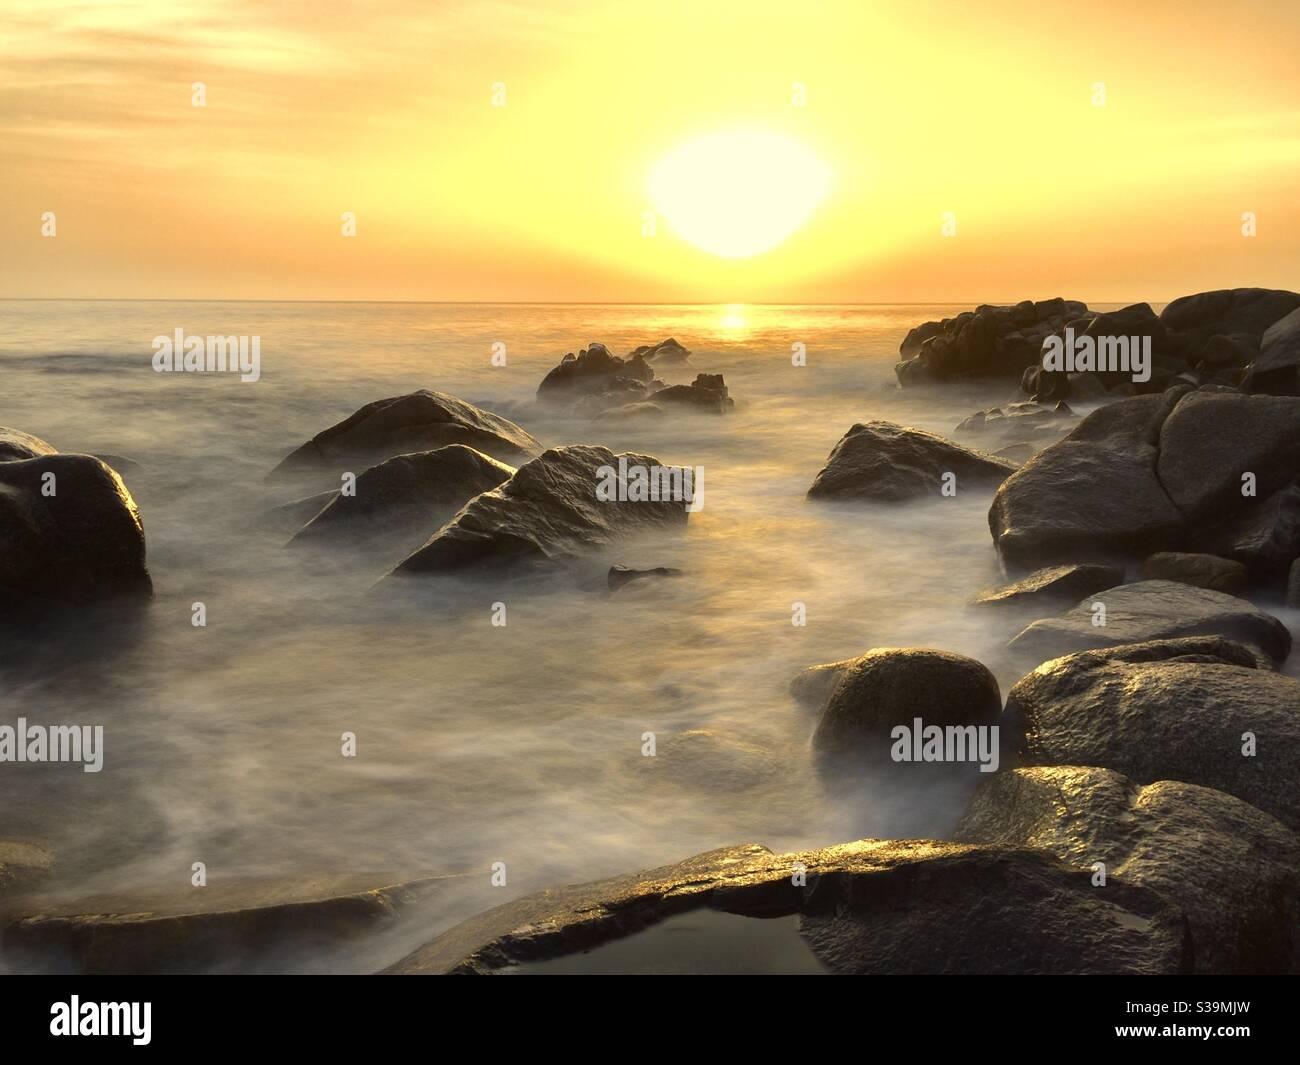 Nebliger Sonnenuntergang am Meer Stockfoto